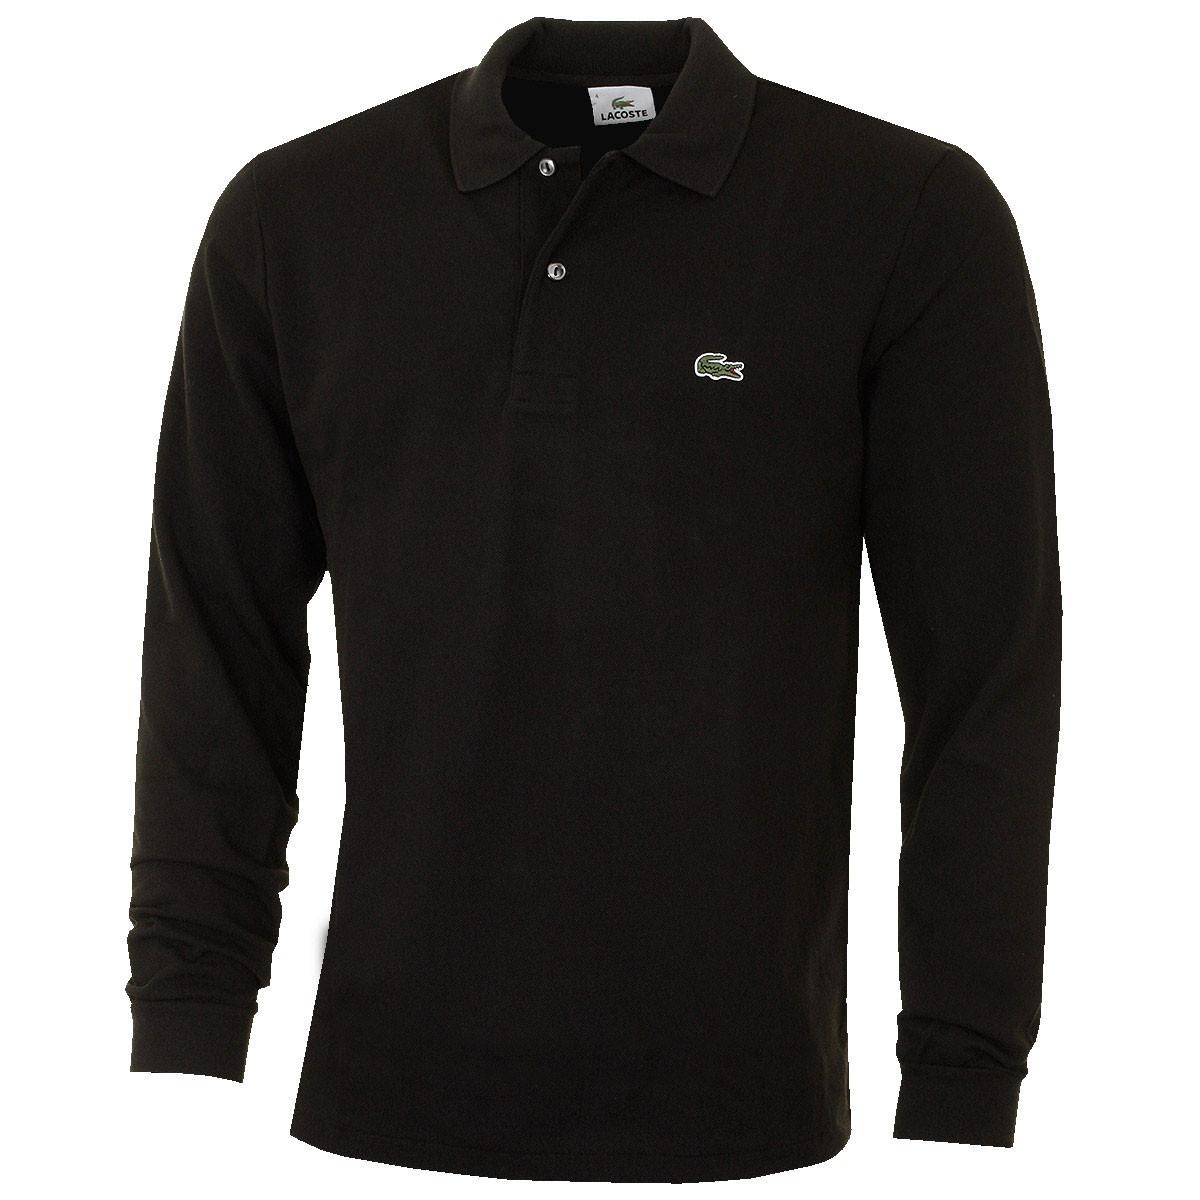 a15f6bd4 Lacoste Mens 2019 Classic Cotton LS L1312 Polo Shirt